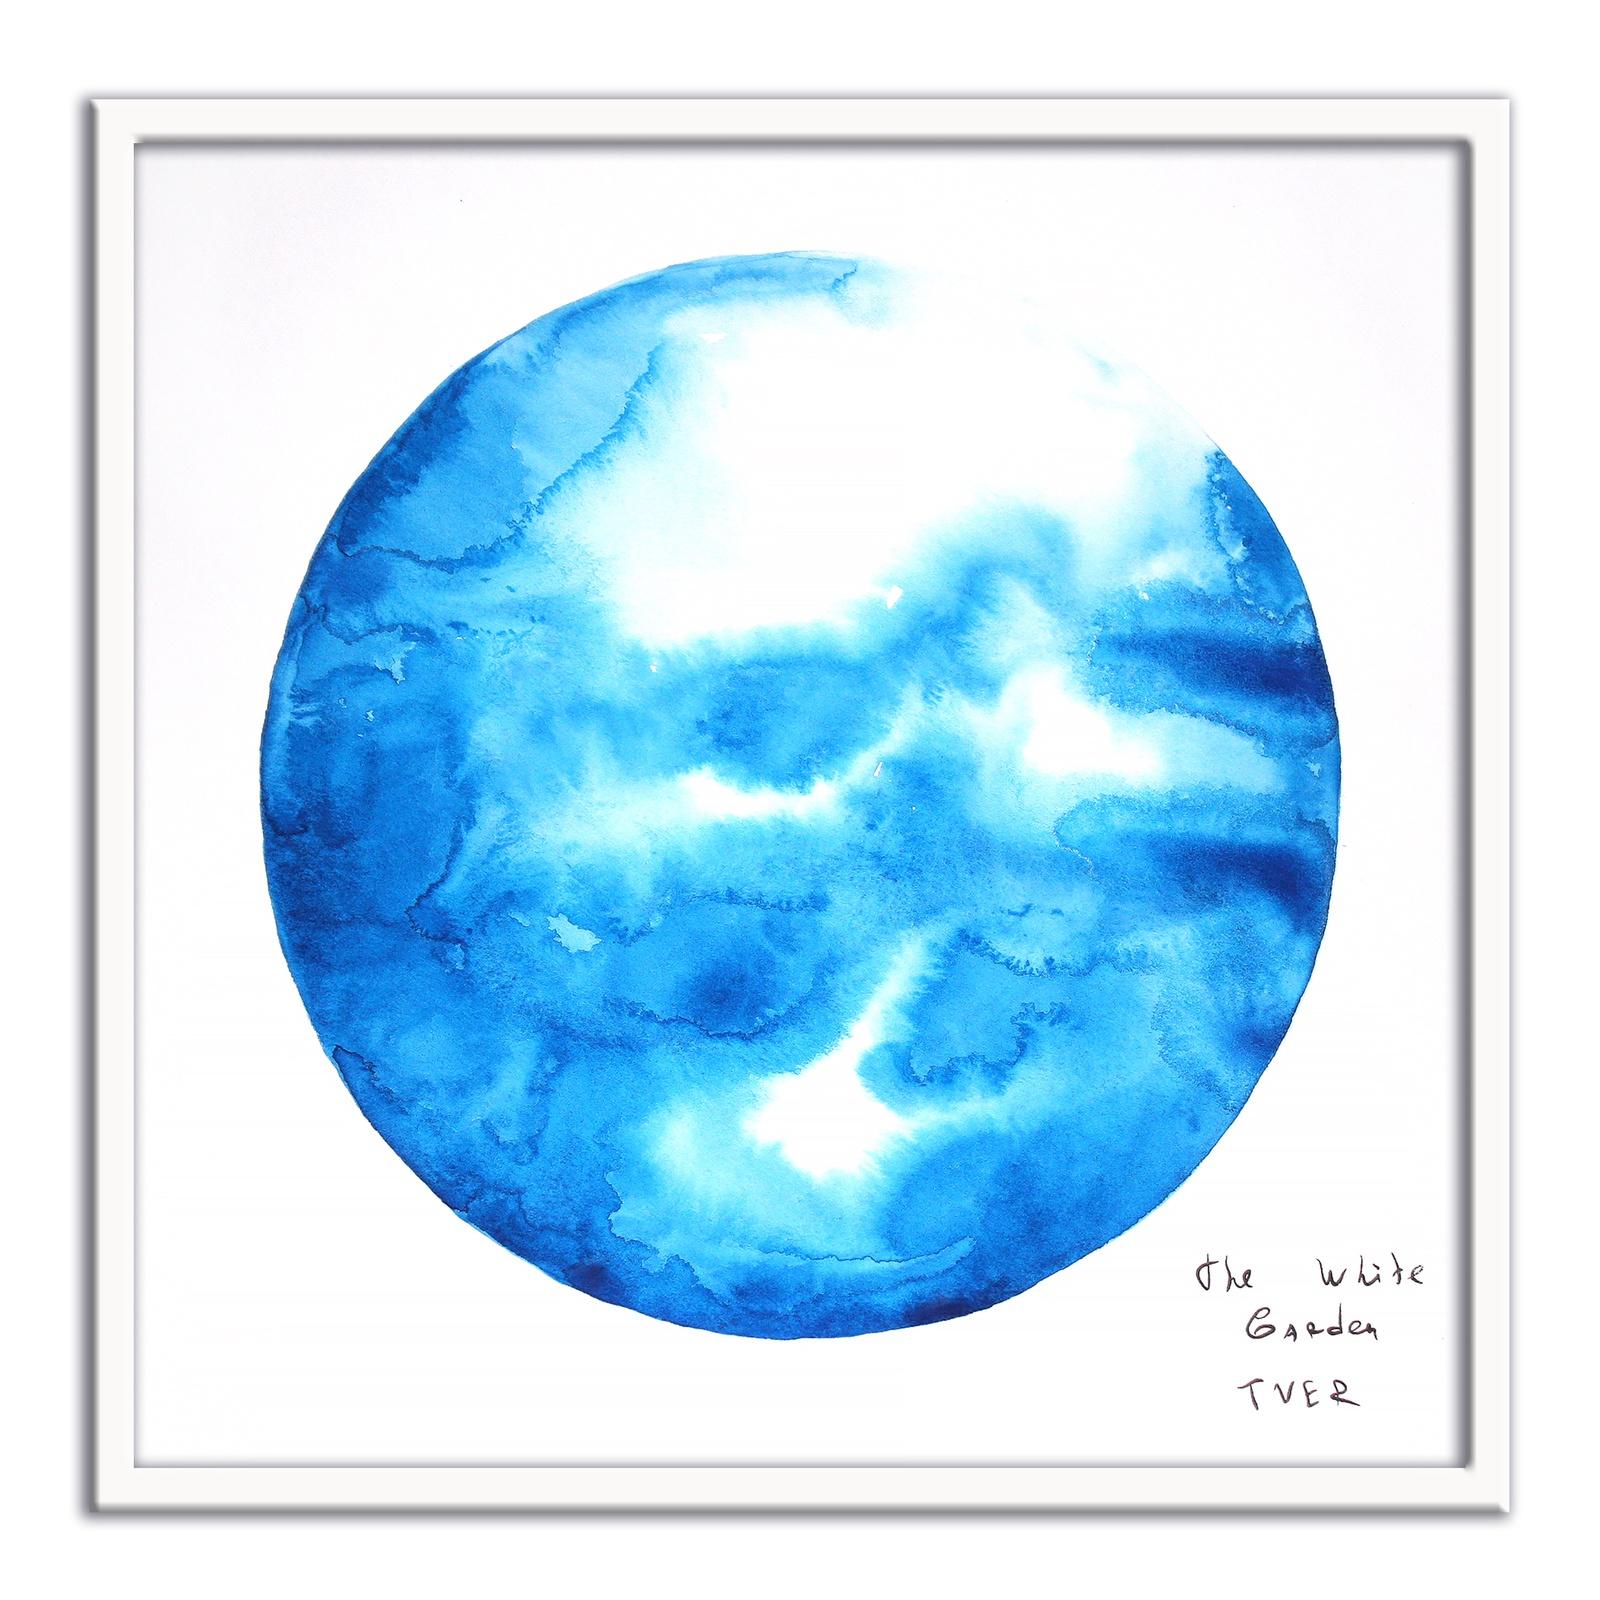 Картина The White Garden TVER молекула, голубой, белый картина фото